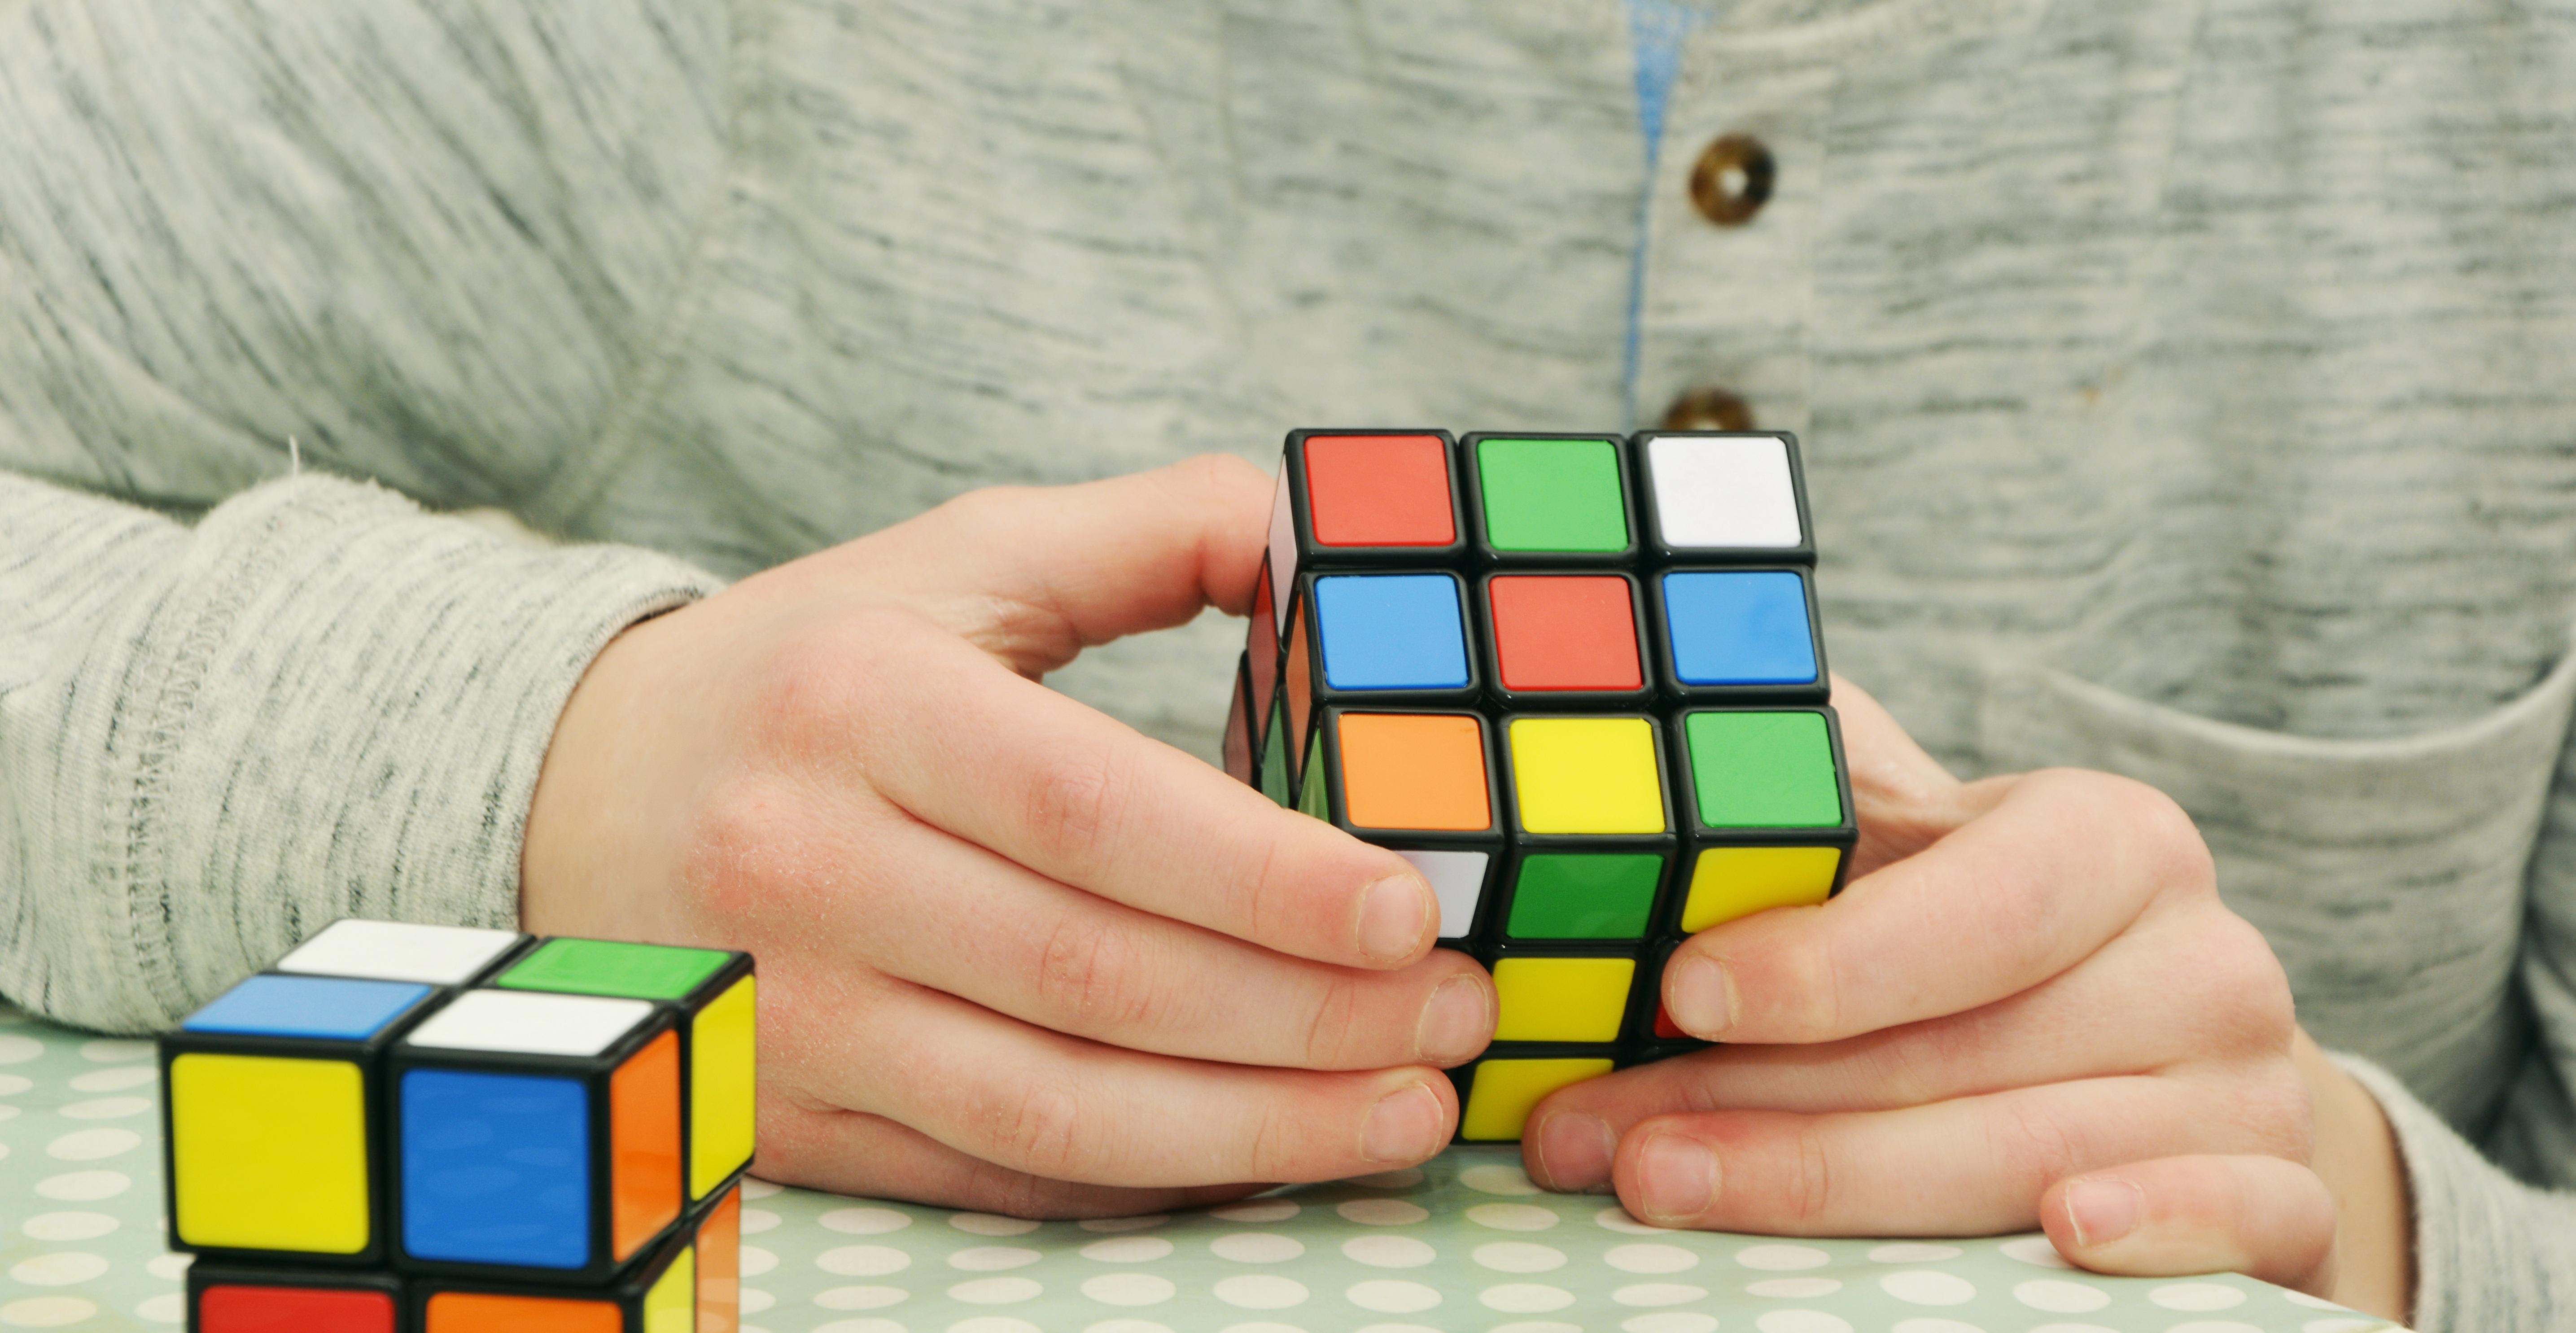 magic-cube-1976725